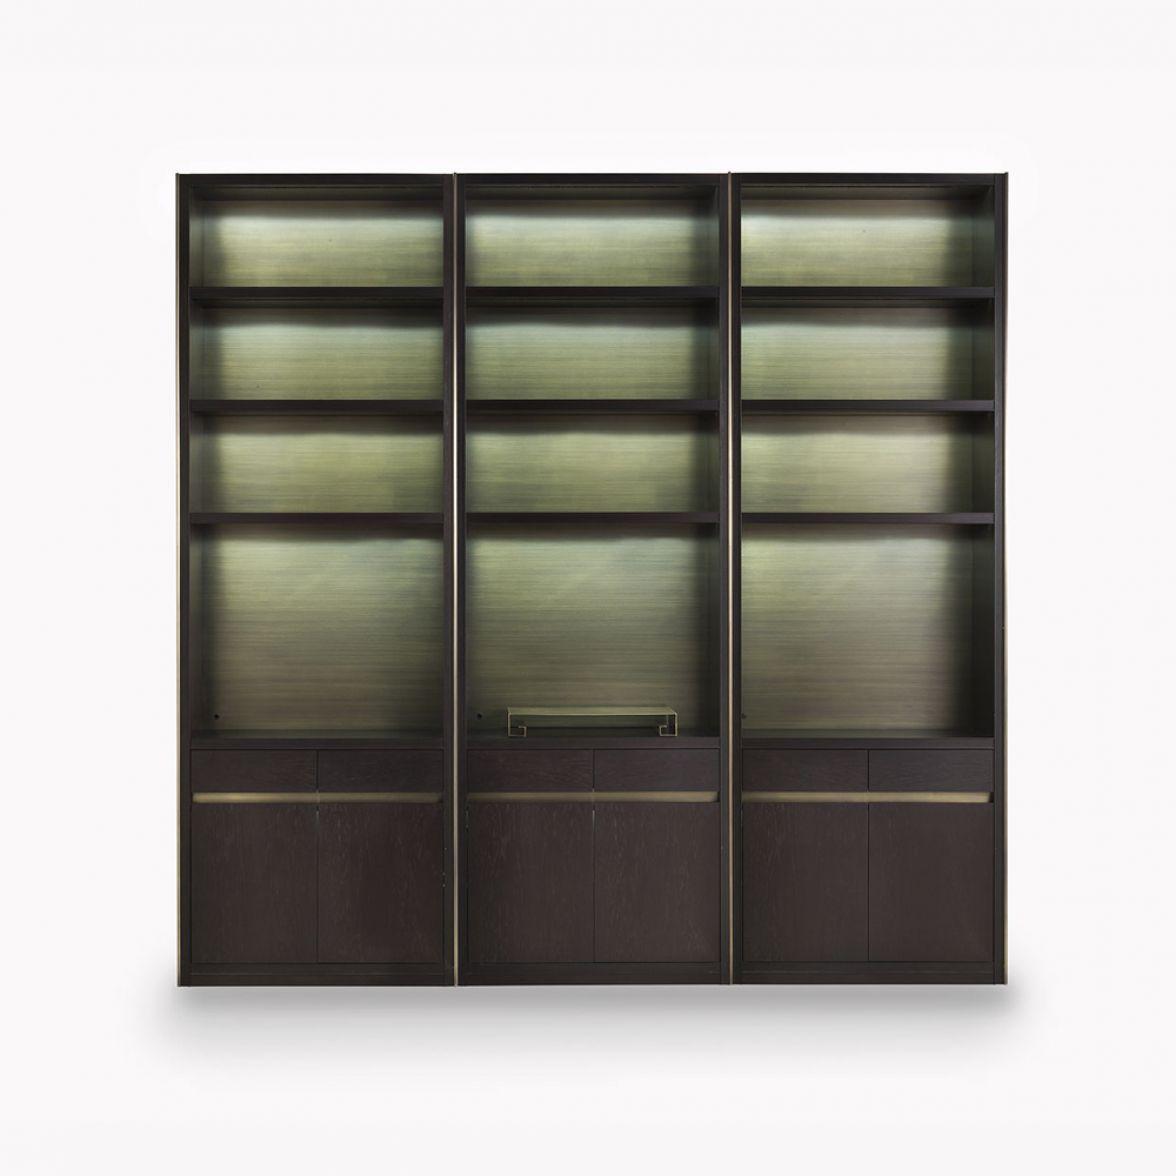 Medea bookcase